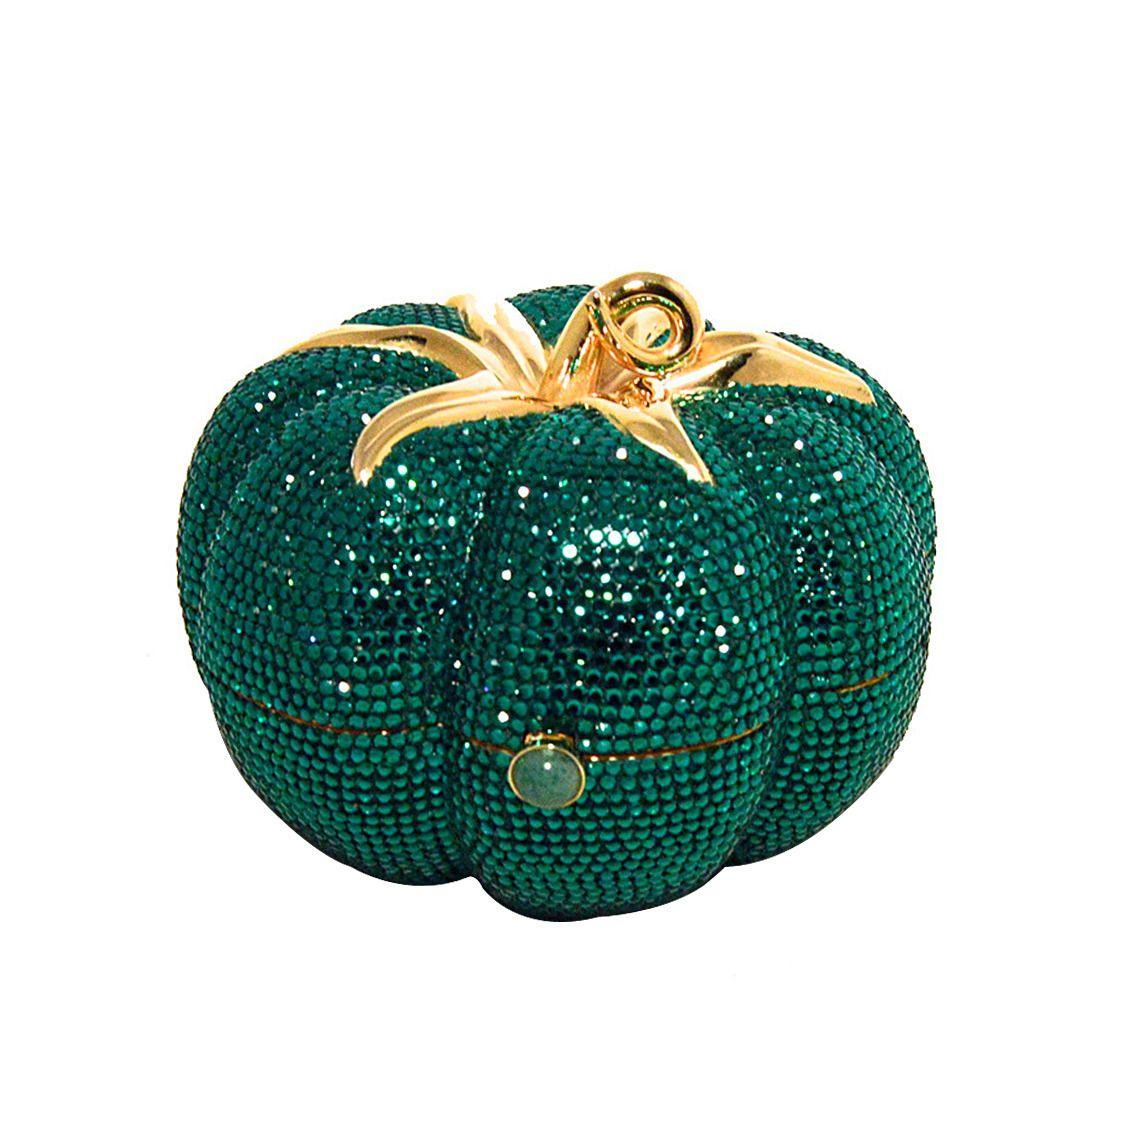 Judith Leiber Swarovski Green Tomato Minaudiere